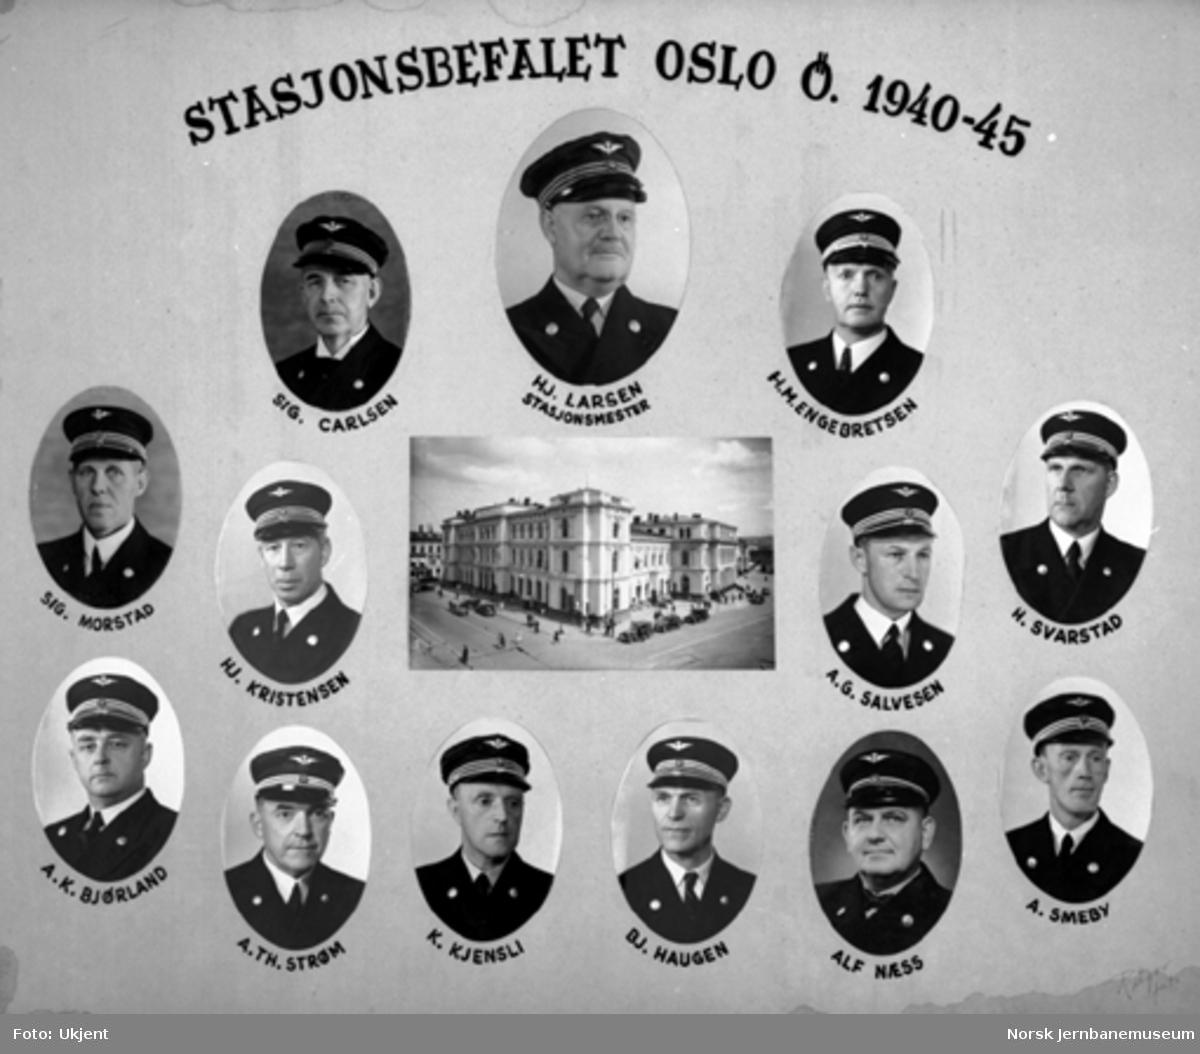 Gruppebilde av stasjonsbefalet Oslo Ø 1945-1950